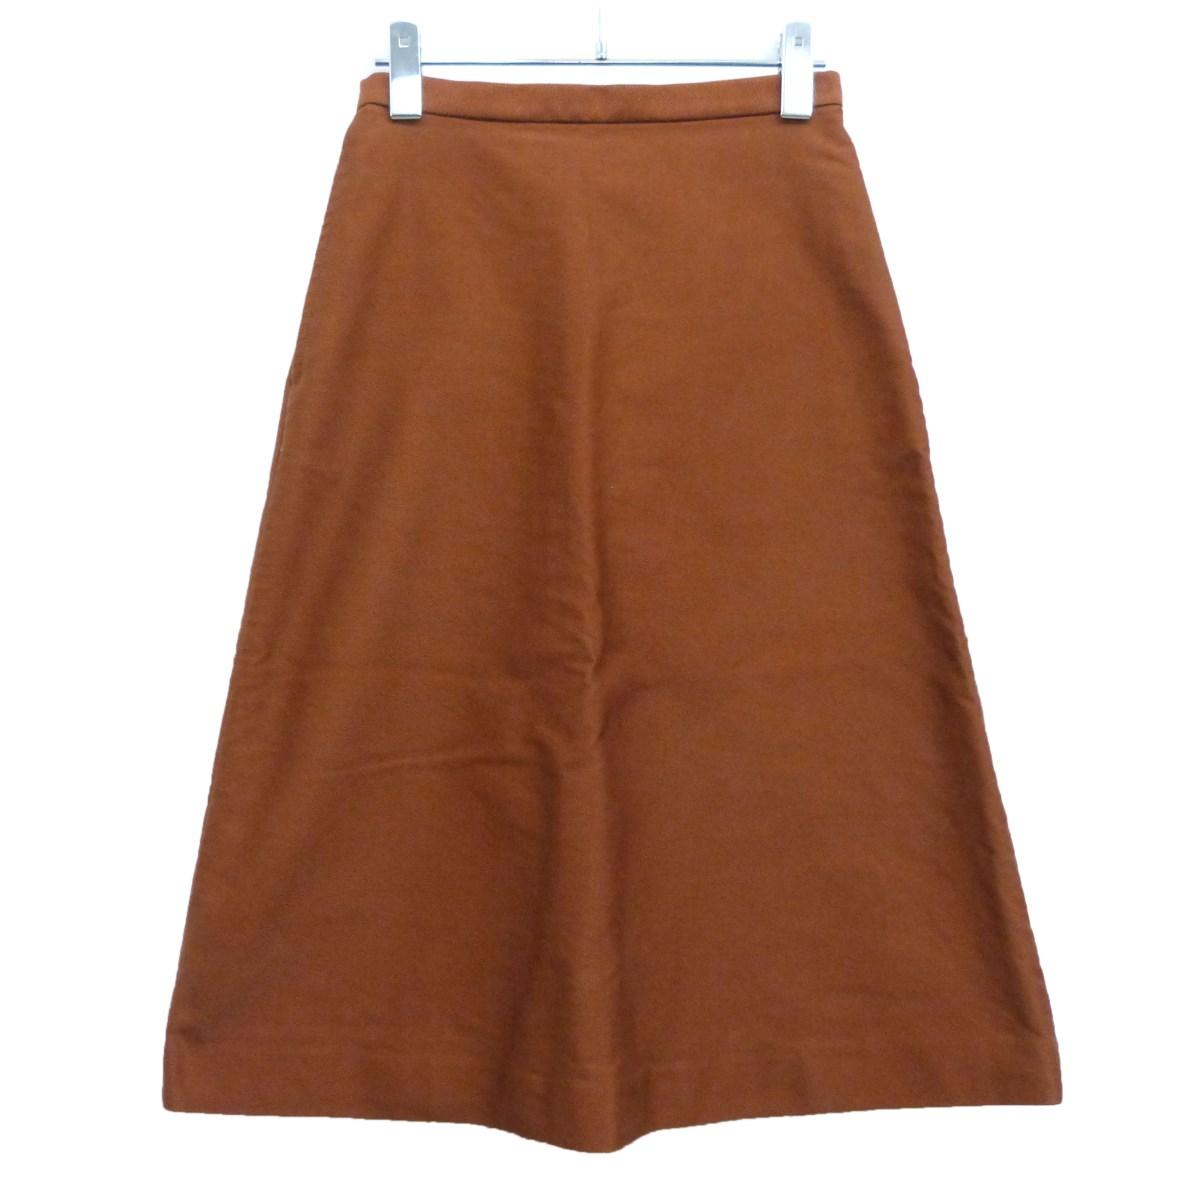 【中古】AURALEE16AW「FINX MOLESKIN SKIRT」スカート アプリコット サイズ:0 【8月10日見直し】